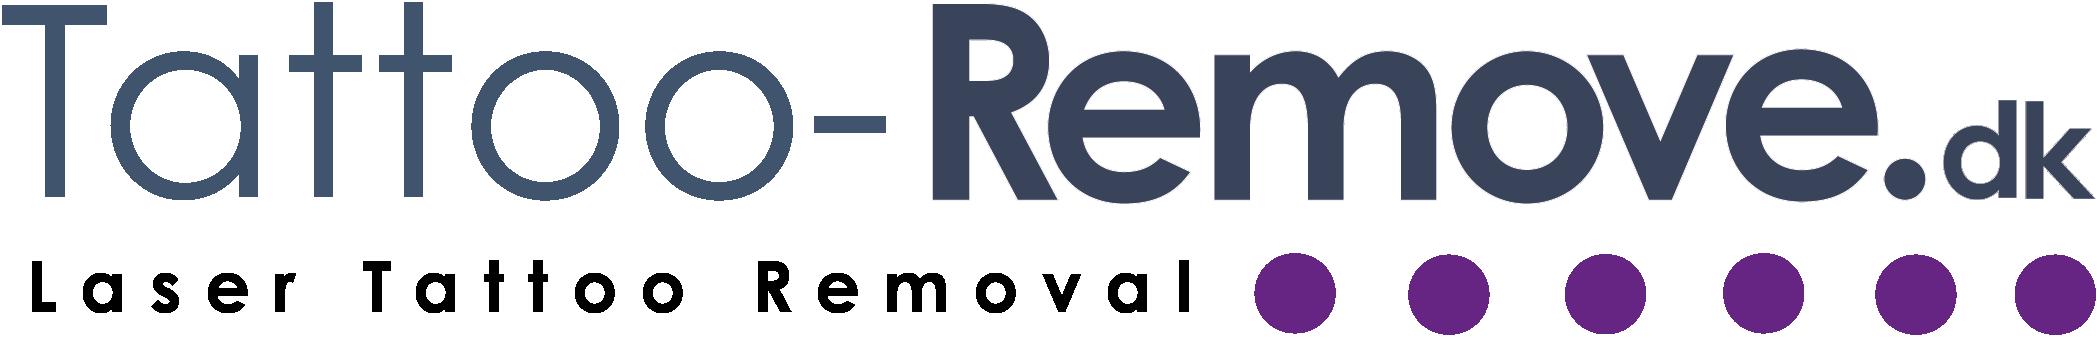 logo på forside